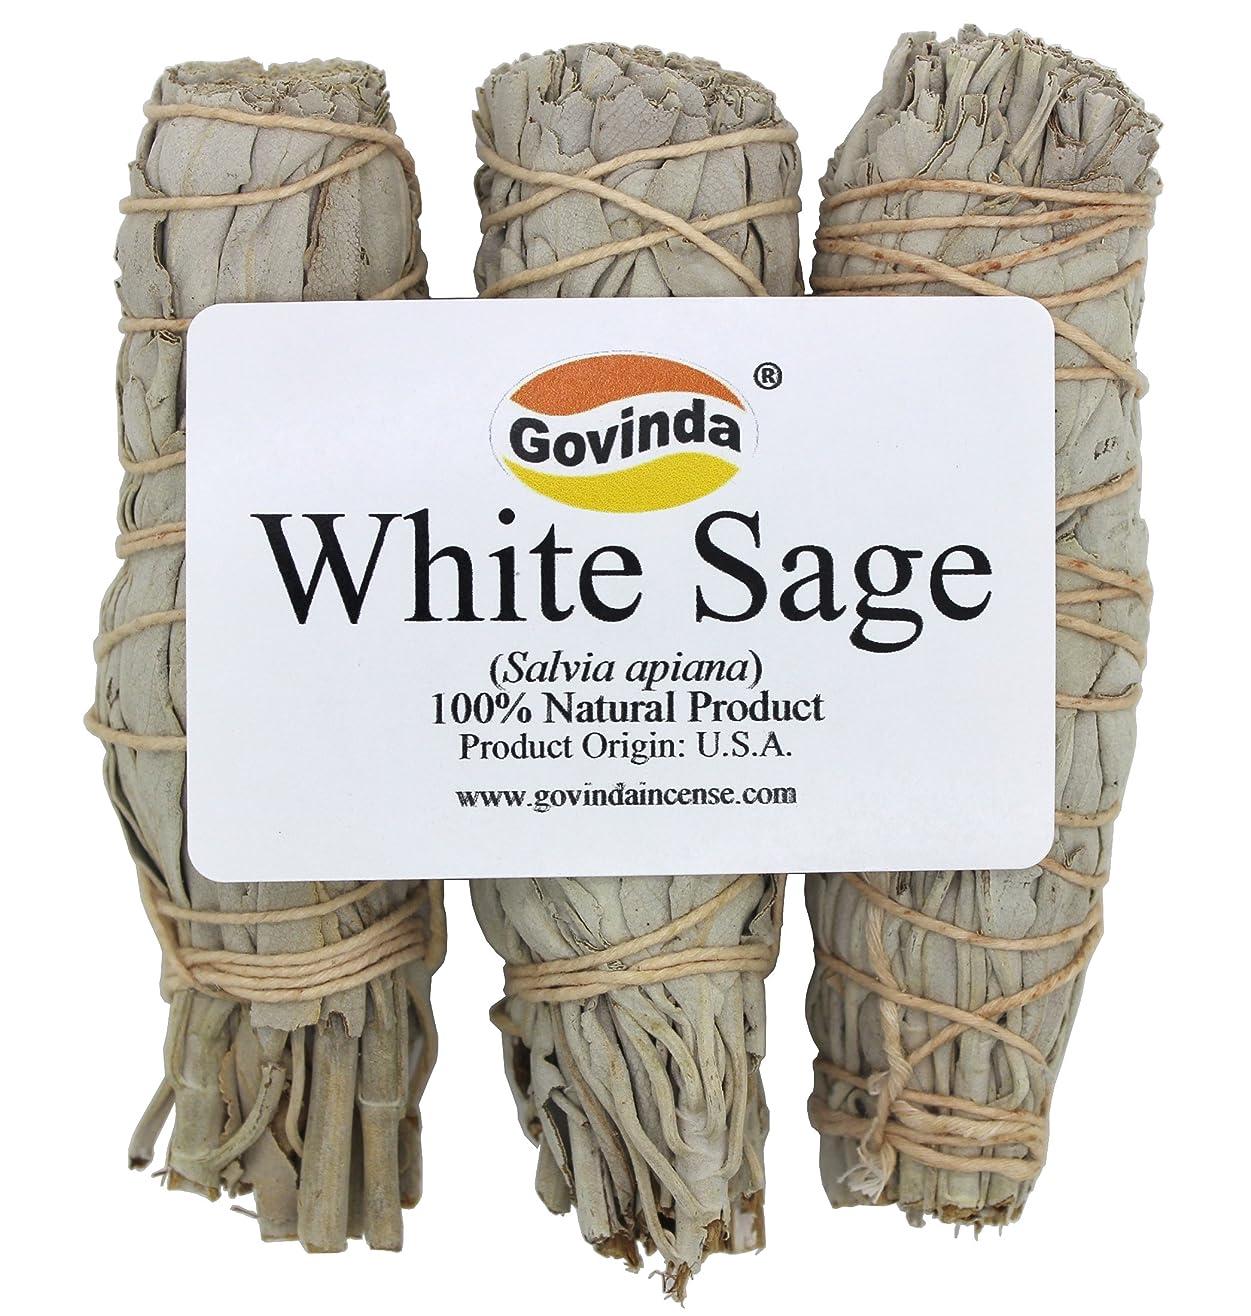 オデュッセウス販売員カヌーGovinda - Pack of 3 Mini White Sage Smudge Stick, 10cm Long